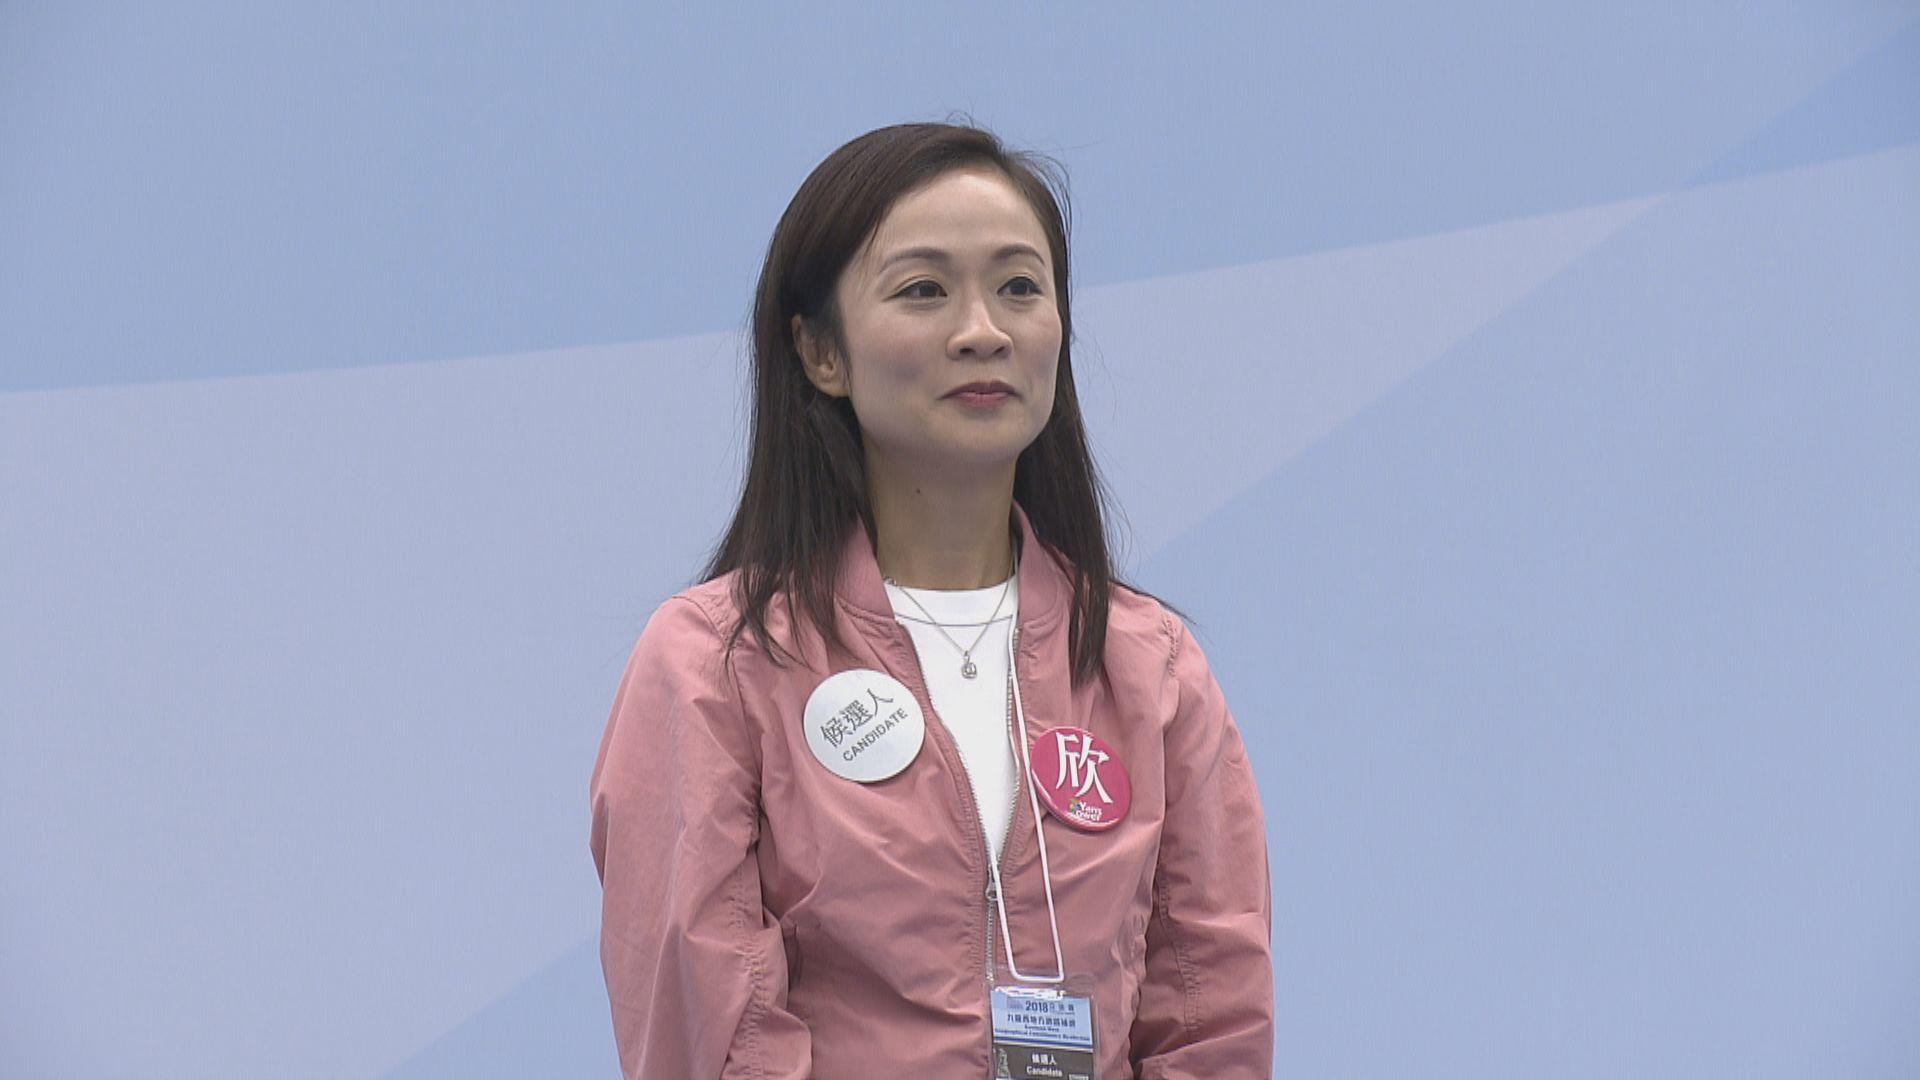 陳凱欣勝出補選 維持建制派分組點票優勢